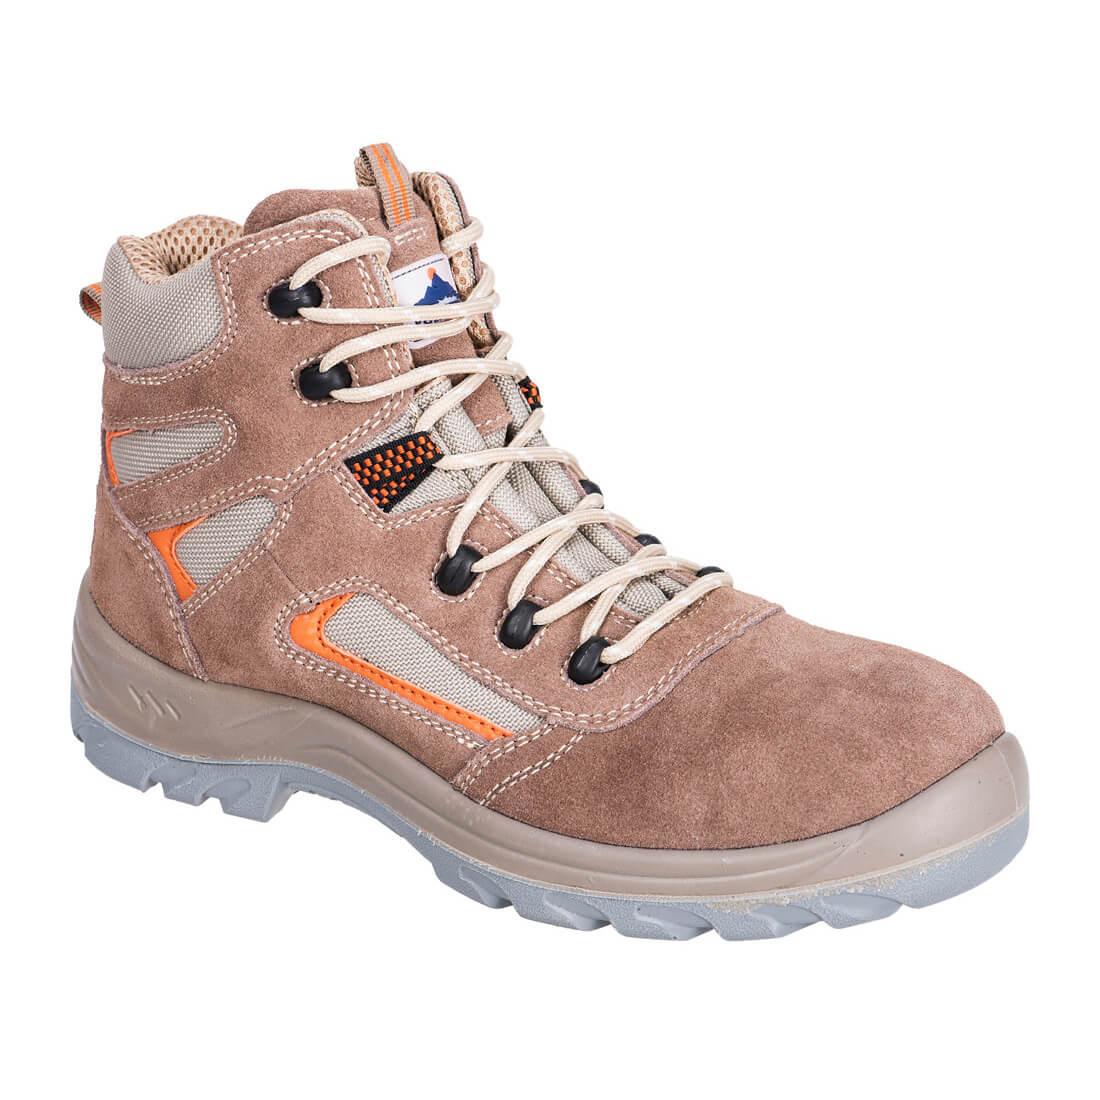 Bocanc Compositelite™ Reno Mid Cut Boot S1P - Incaltaminte de protectie